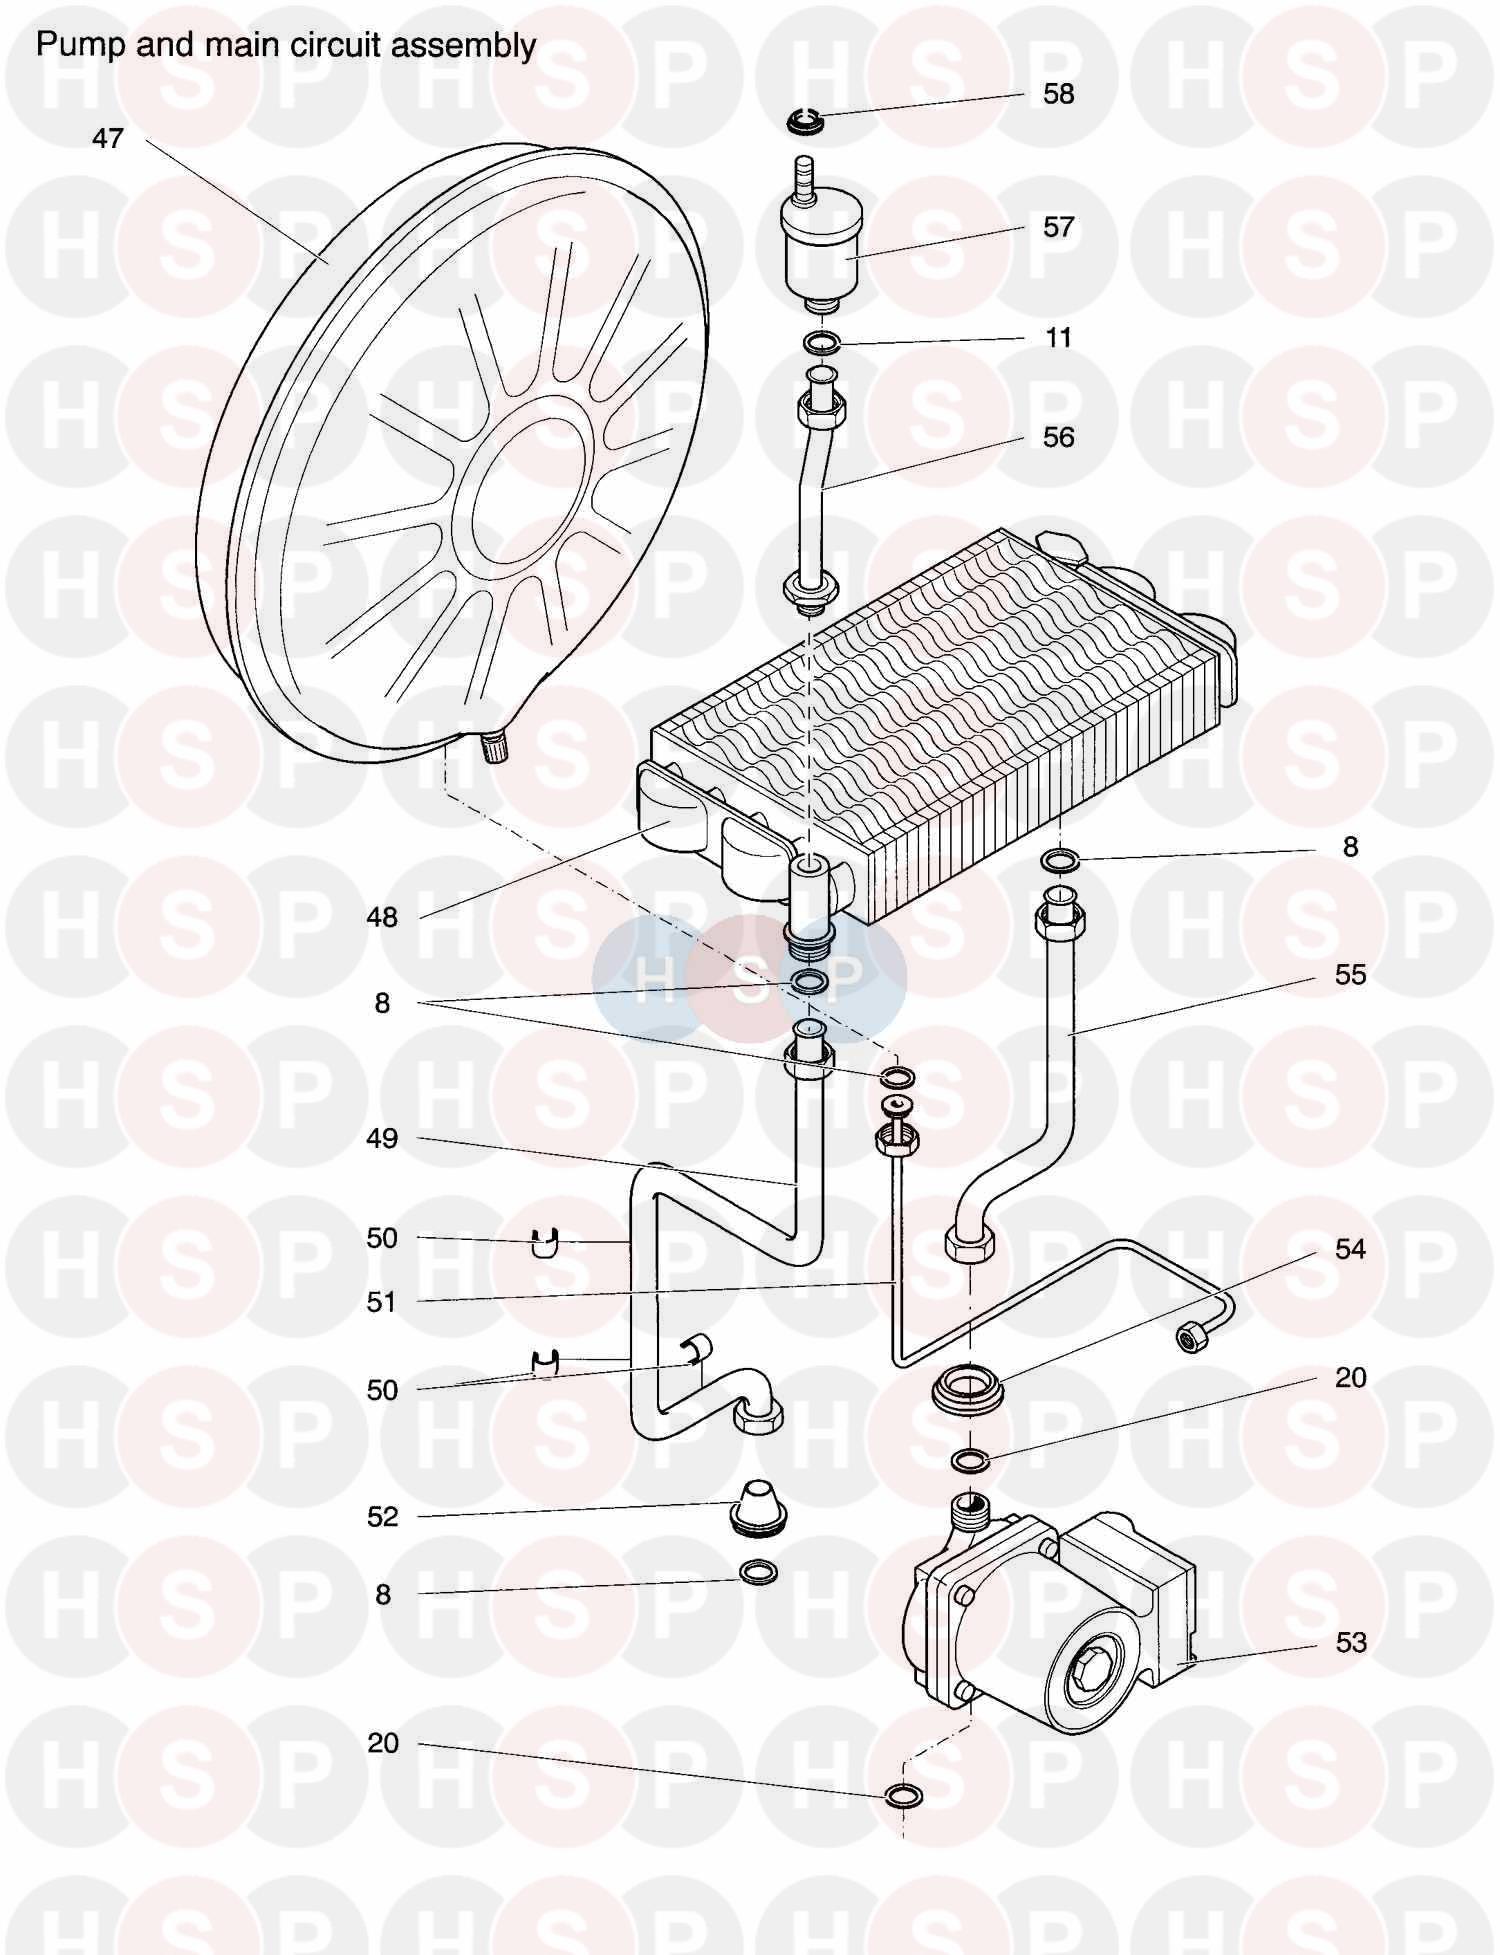 Biasi PRISMA 28S *200 (Pump & Main Circuit Group) Diagram